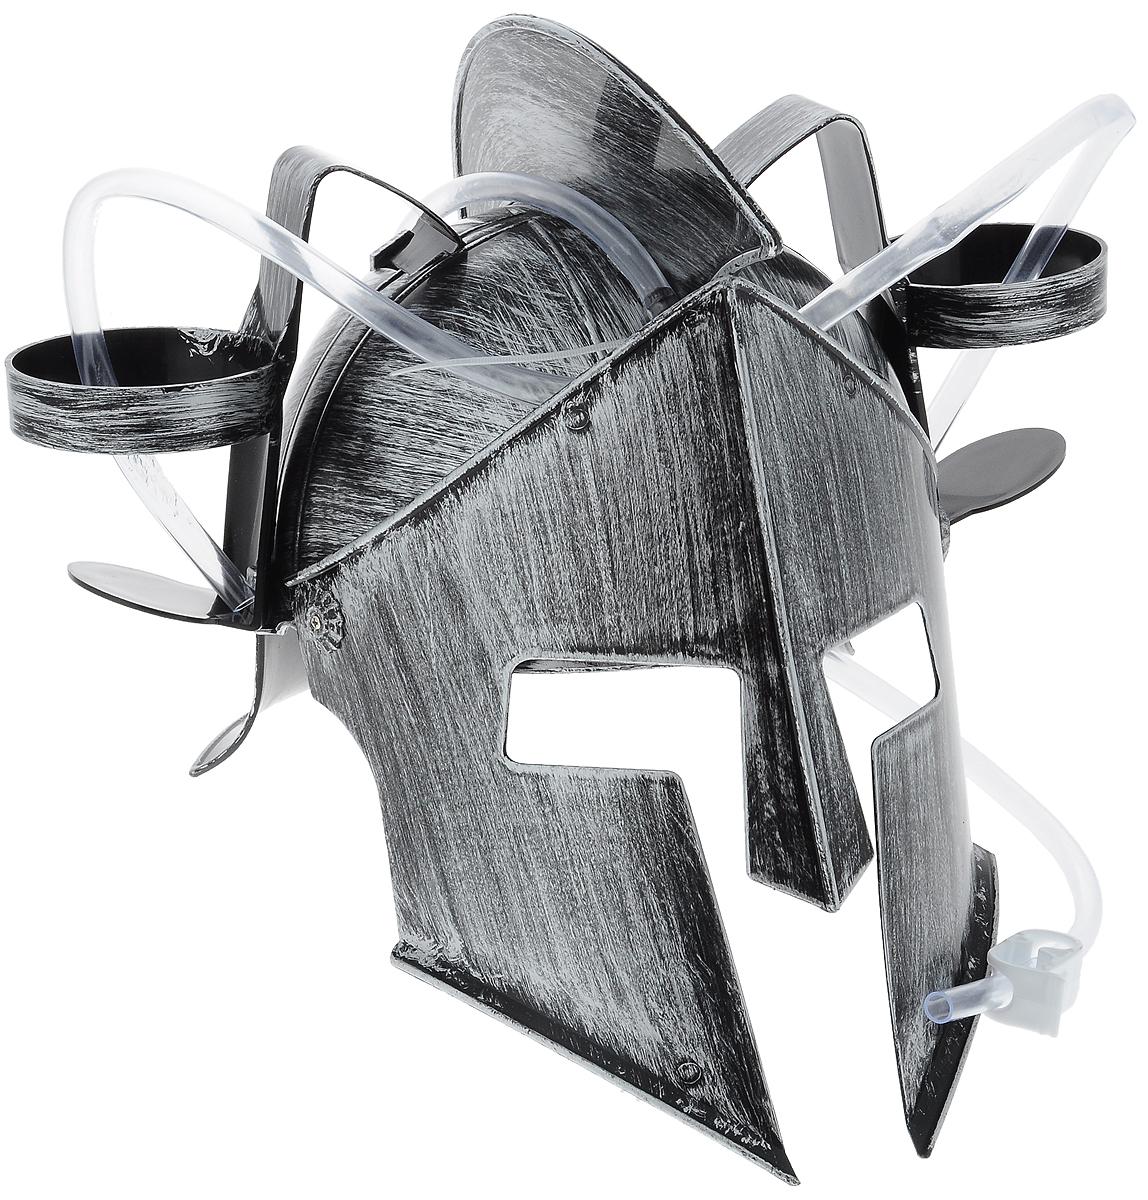 Каска Эврика Рыцарь, с подставками под банки фигурка есть такая профессия на работе сидеть эврика